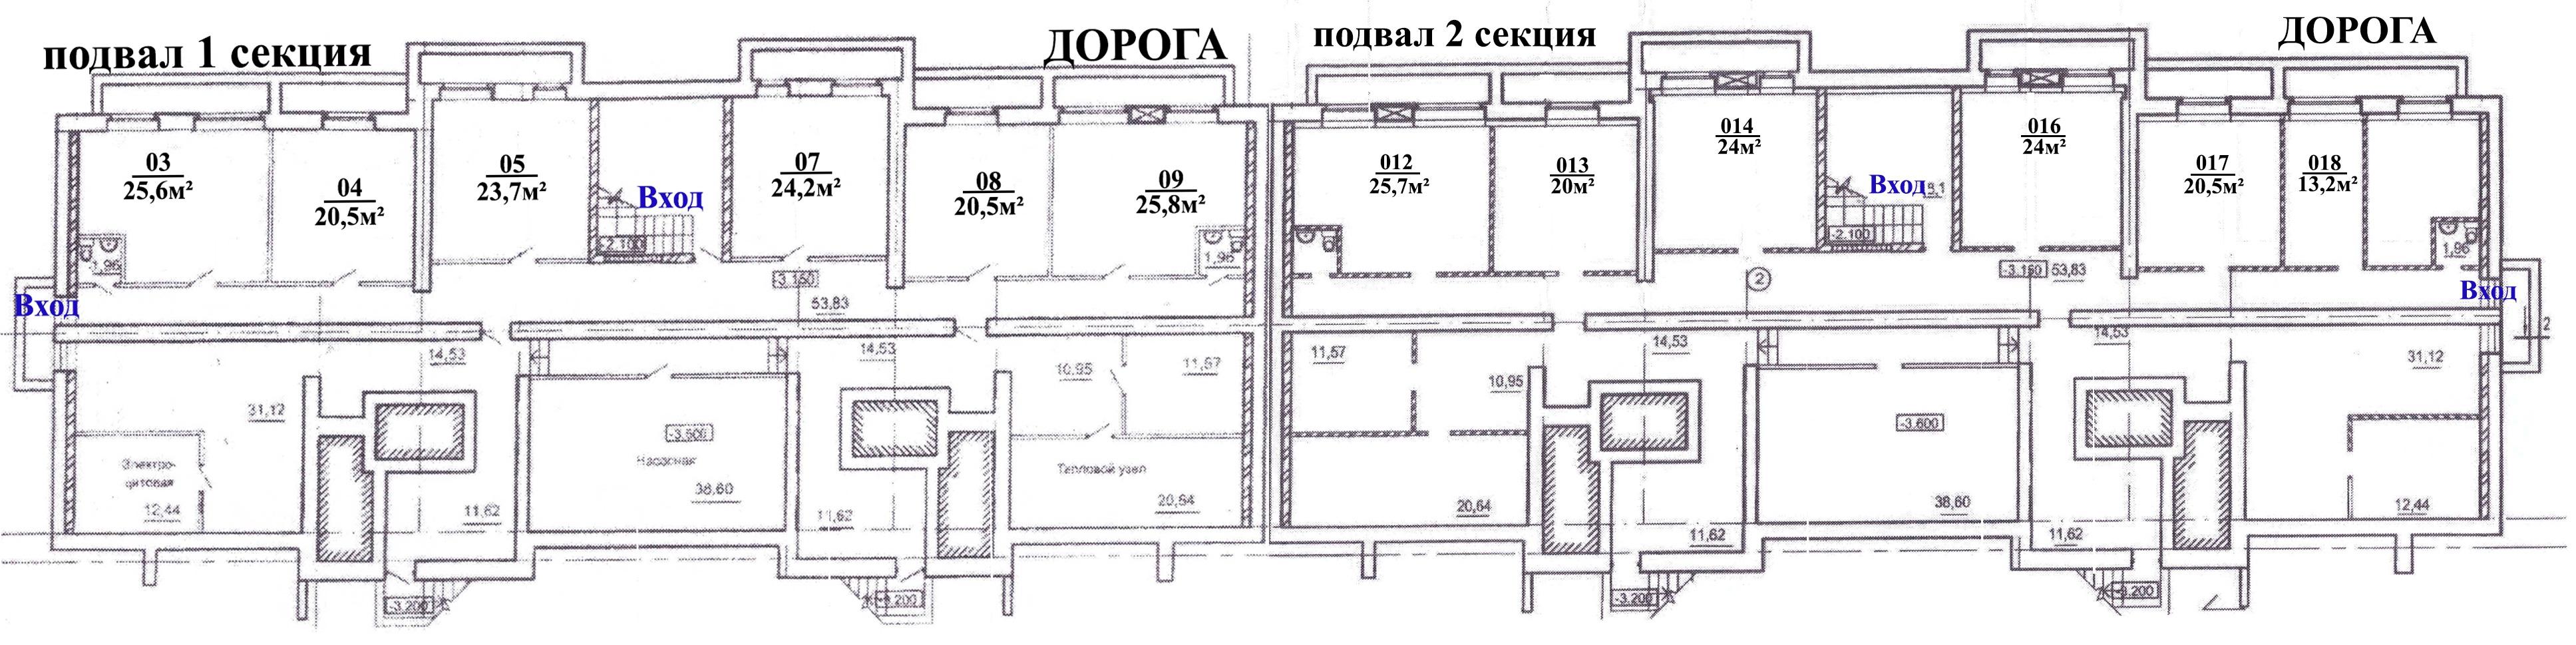 План помещения на этаже